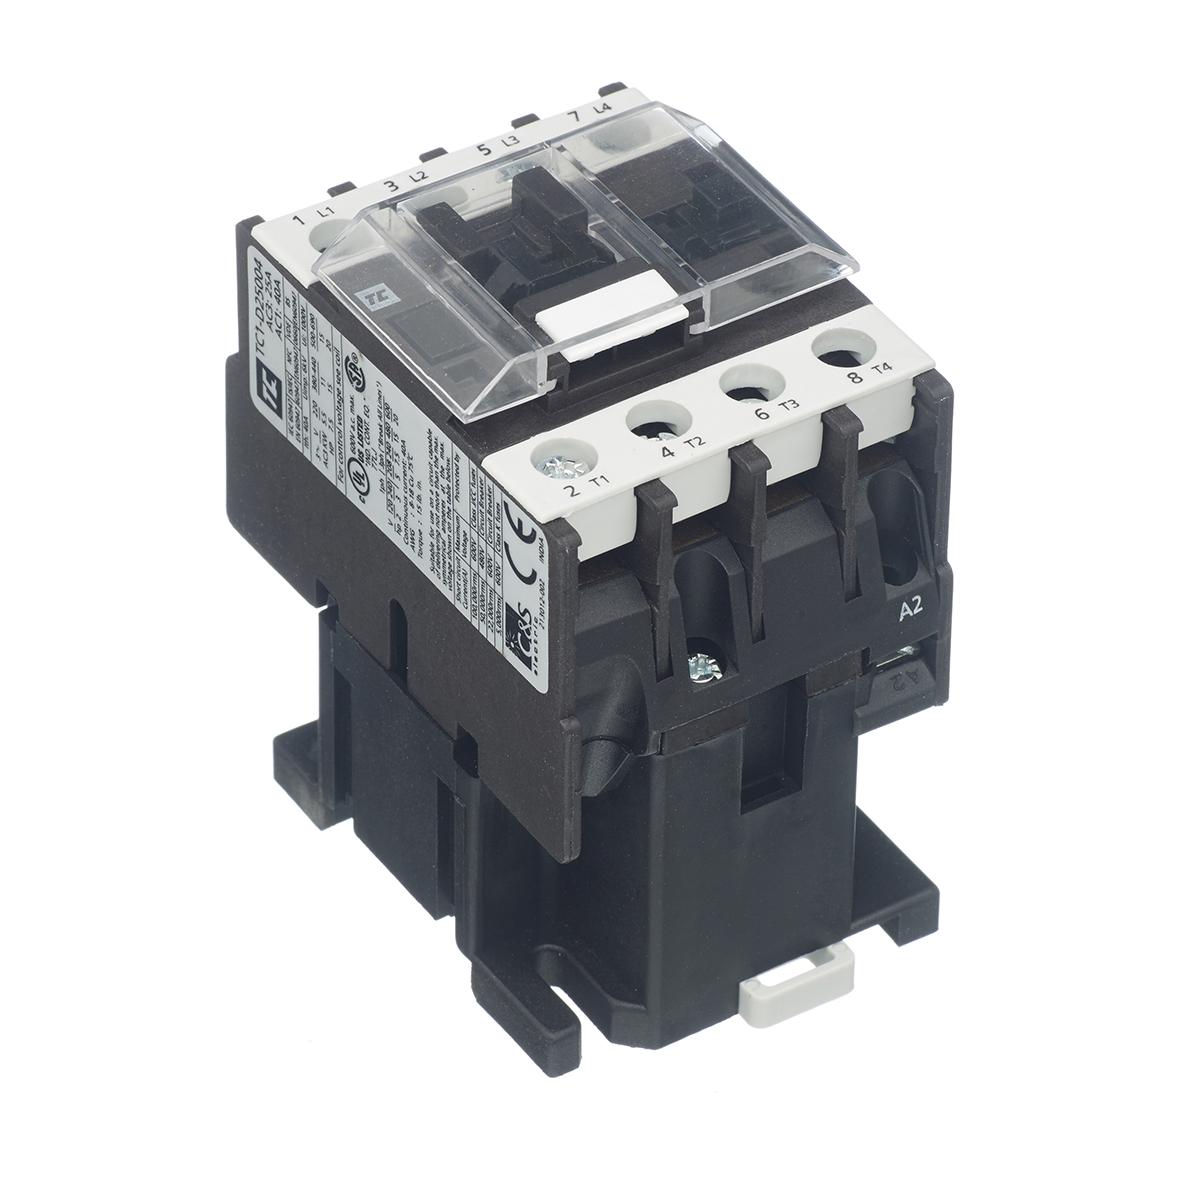 Europa TC1-D80008P7 Contactor 4P 230V